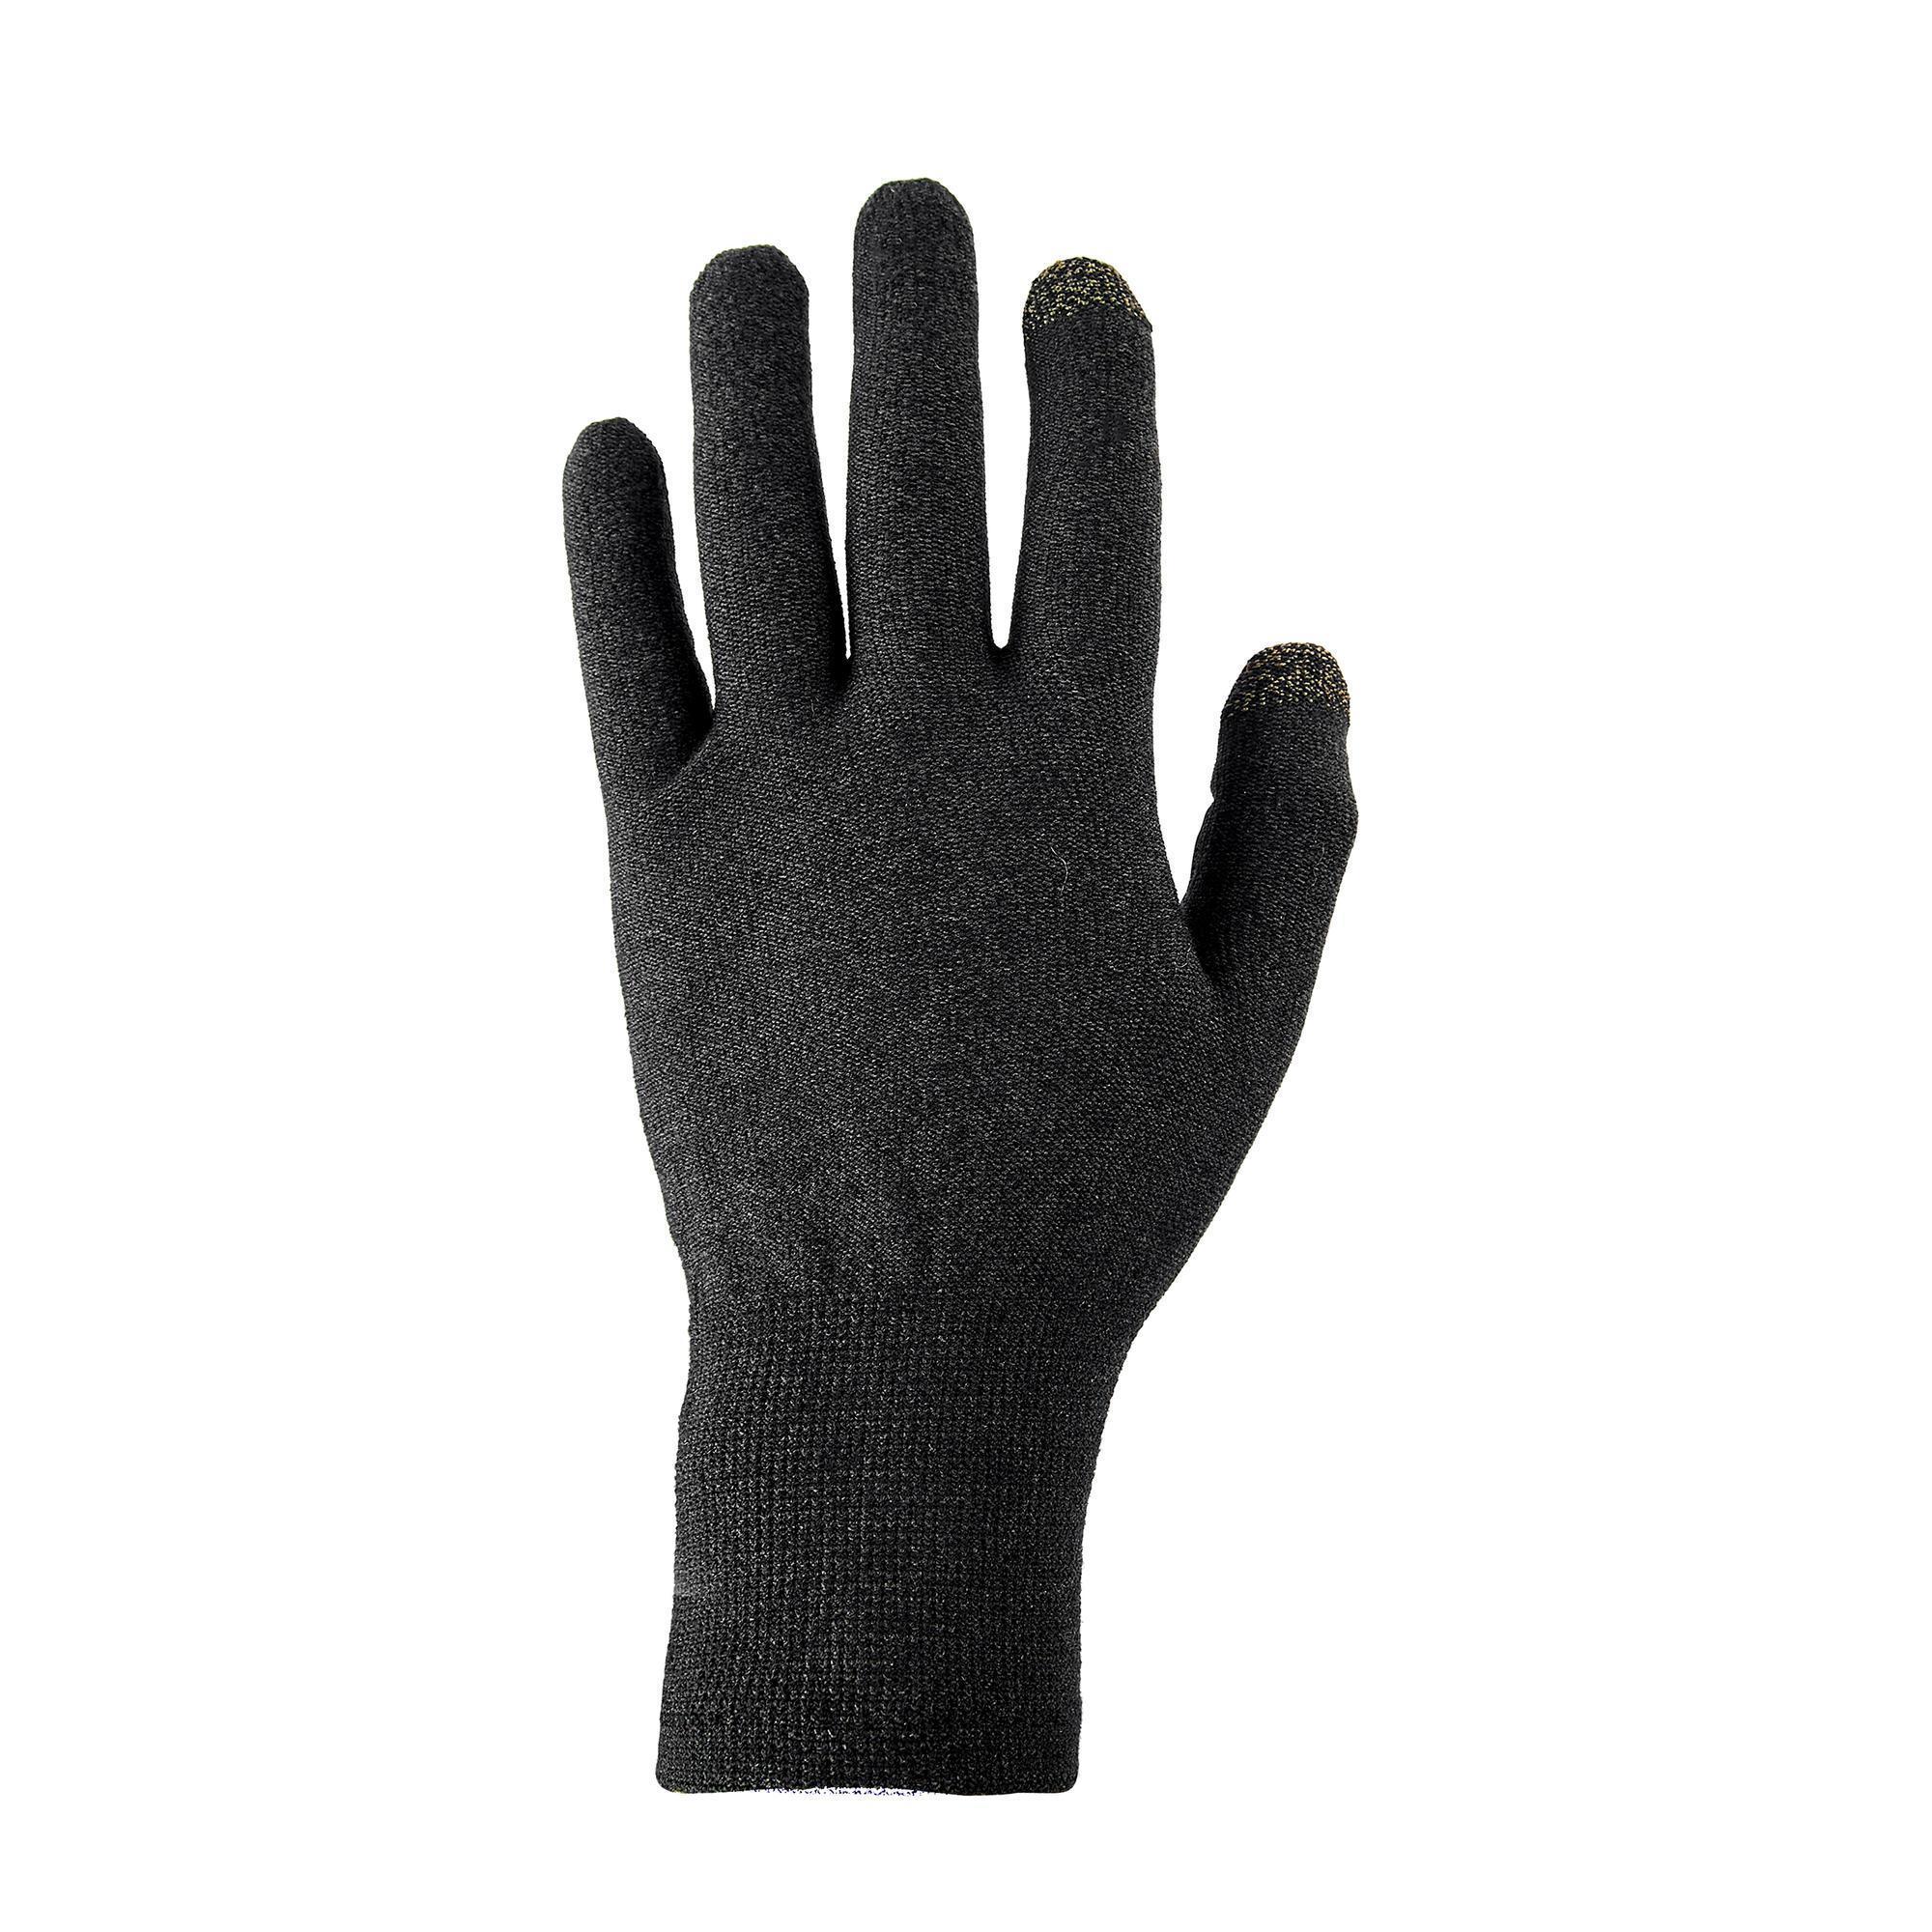 Sous gants tactiles de trekking montagne trek 500 noir unisexe forclaz